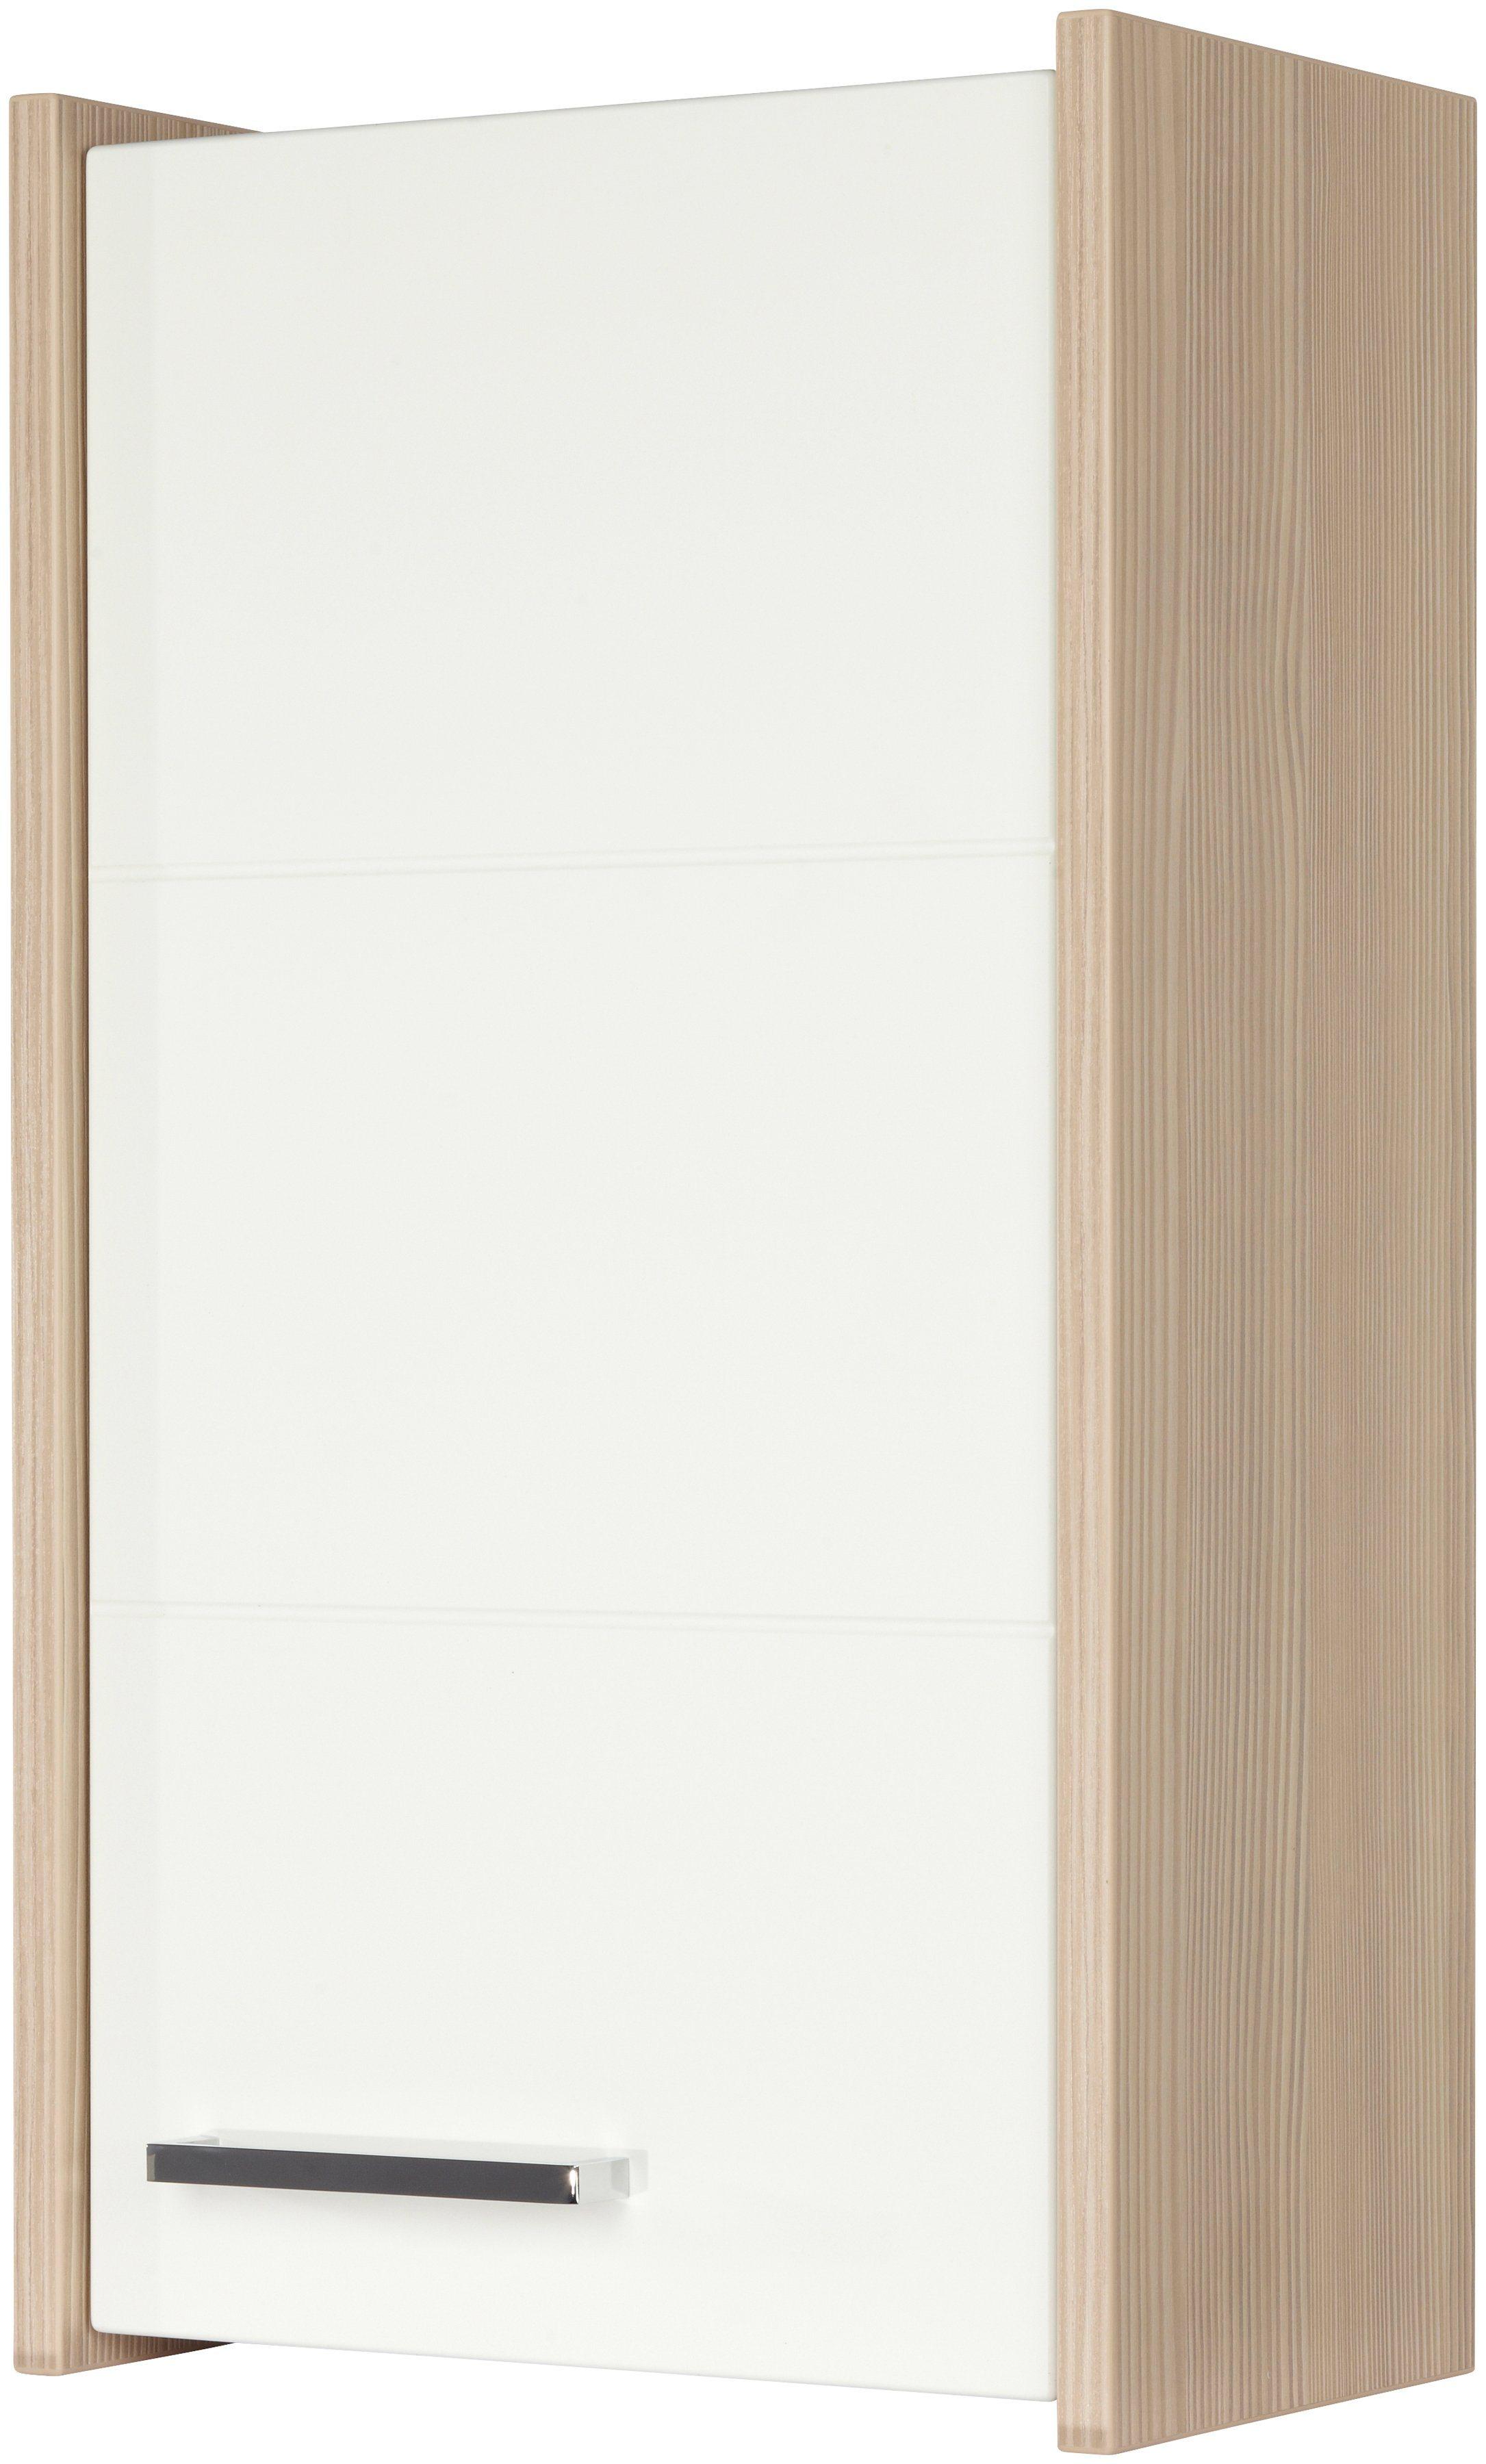 FACKELMANN Badhängeschrank »Kayo«, Breite 33,5 cm   Bad > Badmöbel > Hängeschränke fürs Bad   Weiß   Spanplatte   FACKELMANN